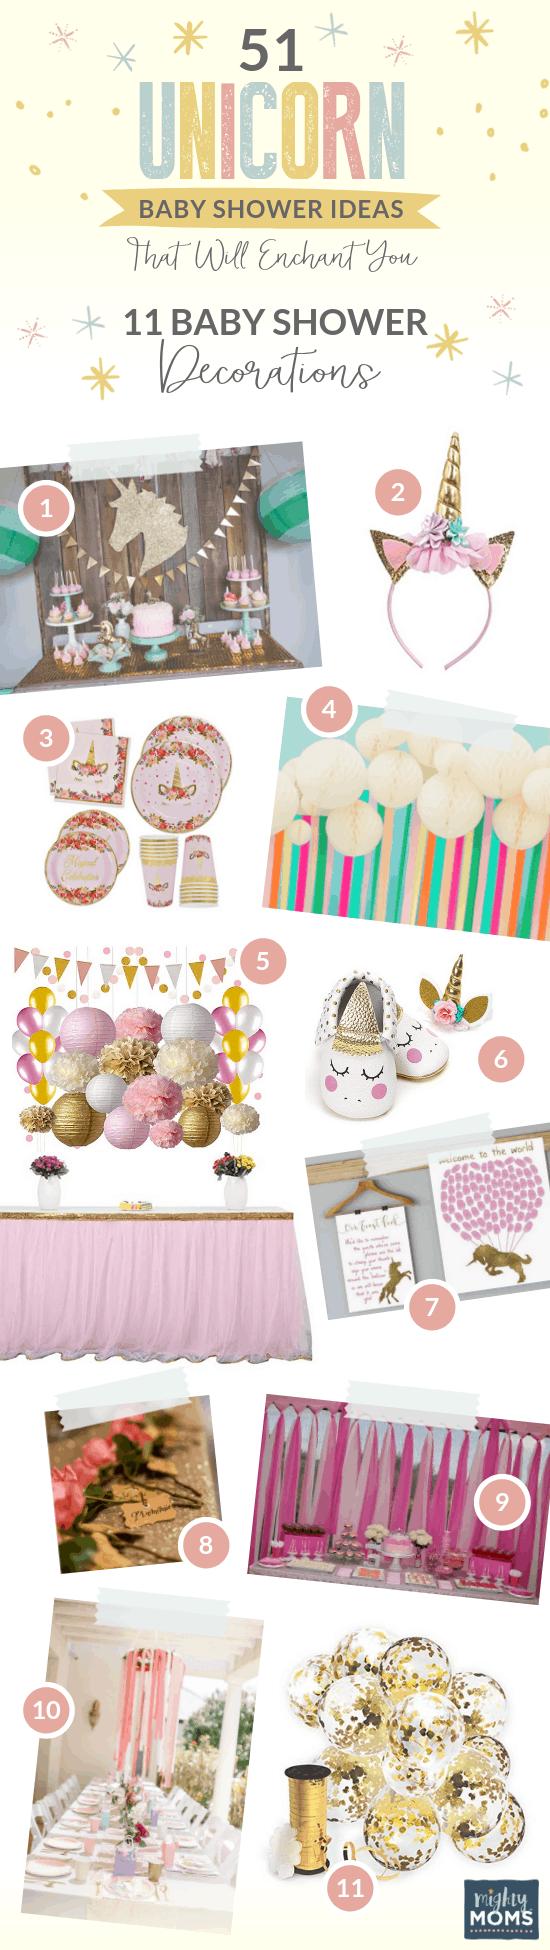 11 Fantastical Unicorn Baby Shower Decor Ideas - MightyMoms.club